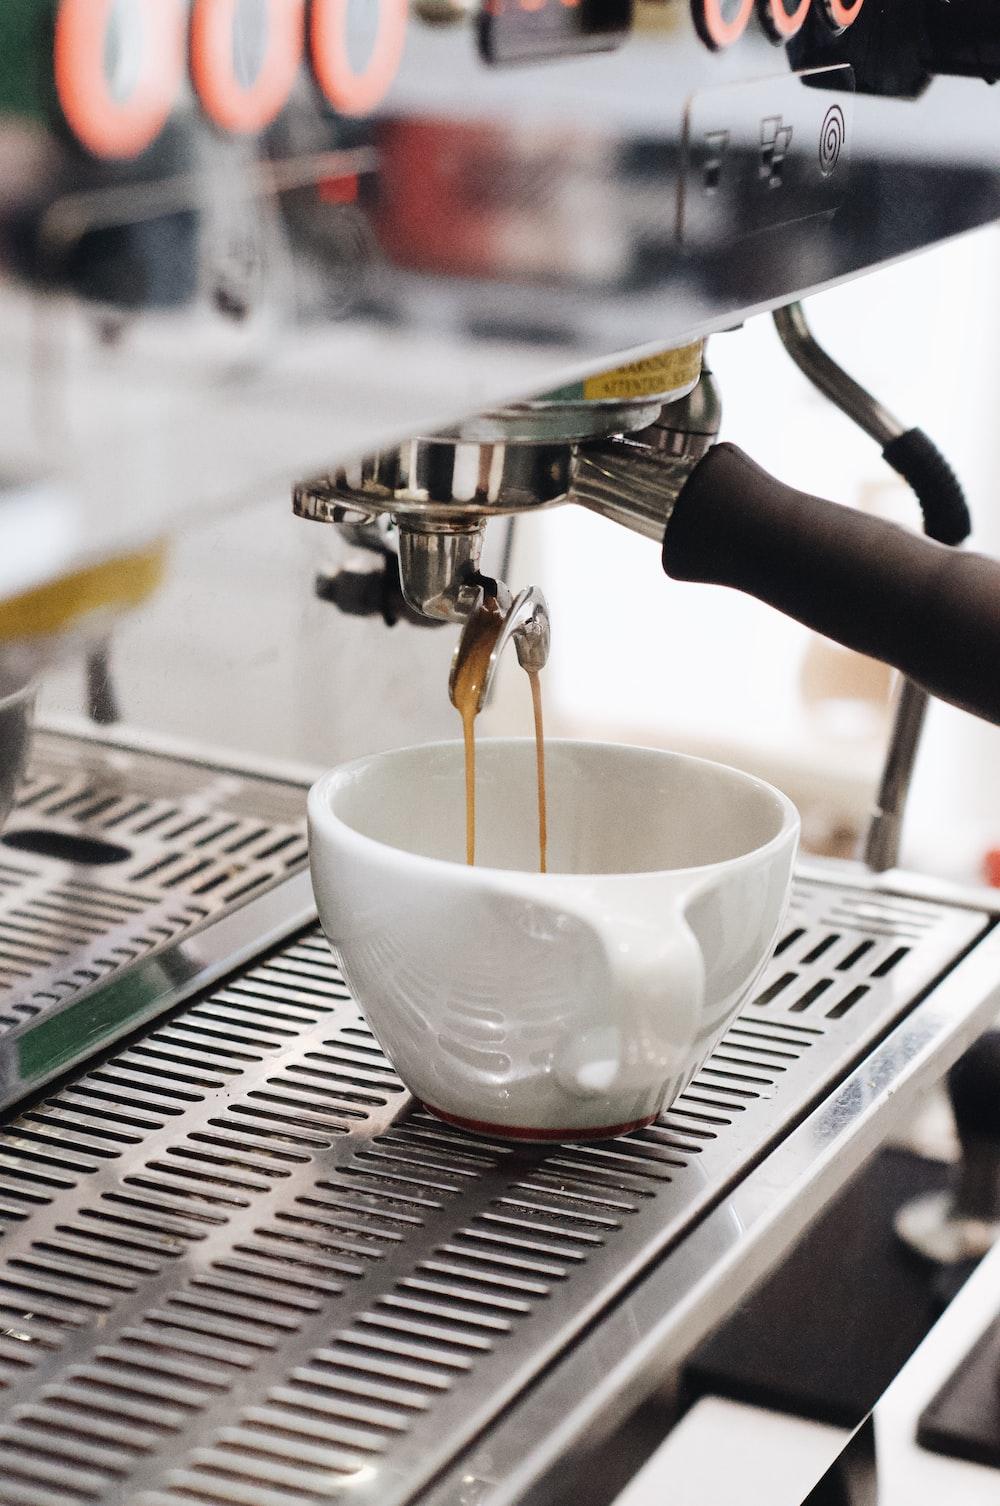 white ceramic cup on silver and black espresso machine